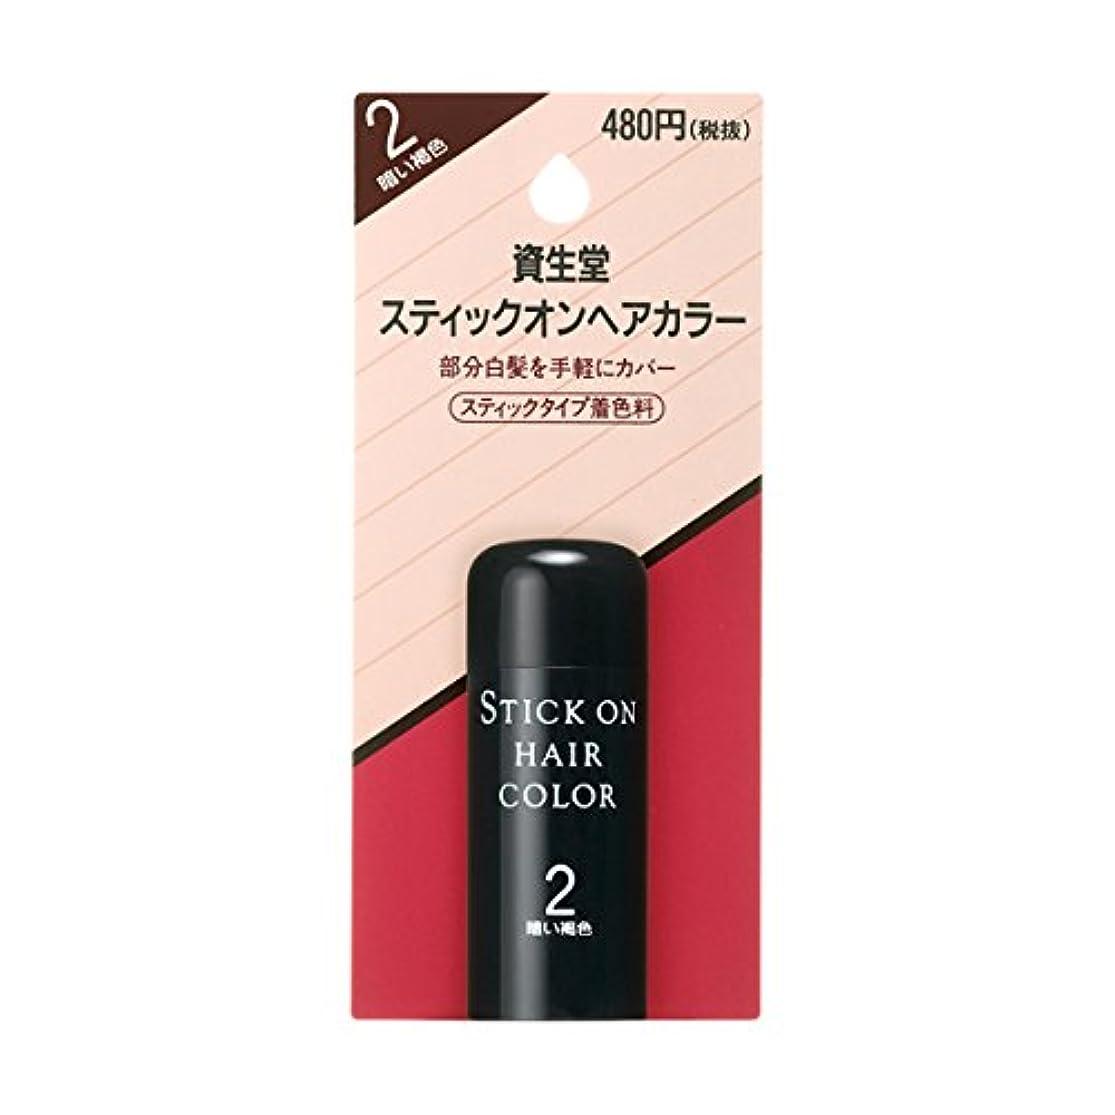 それるシンポジウム早いヘアカラー スティックオンヘアカラー 2 20g